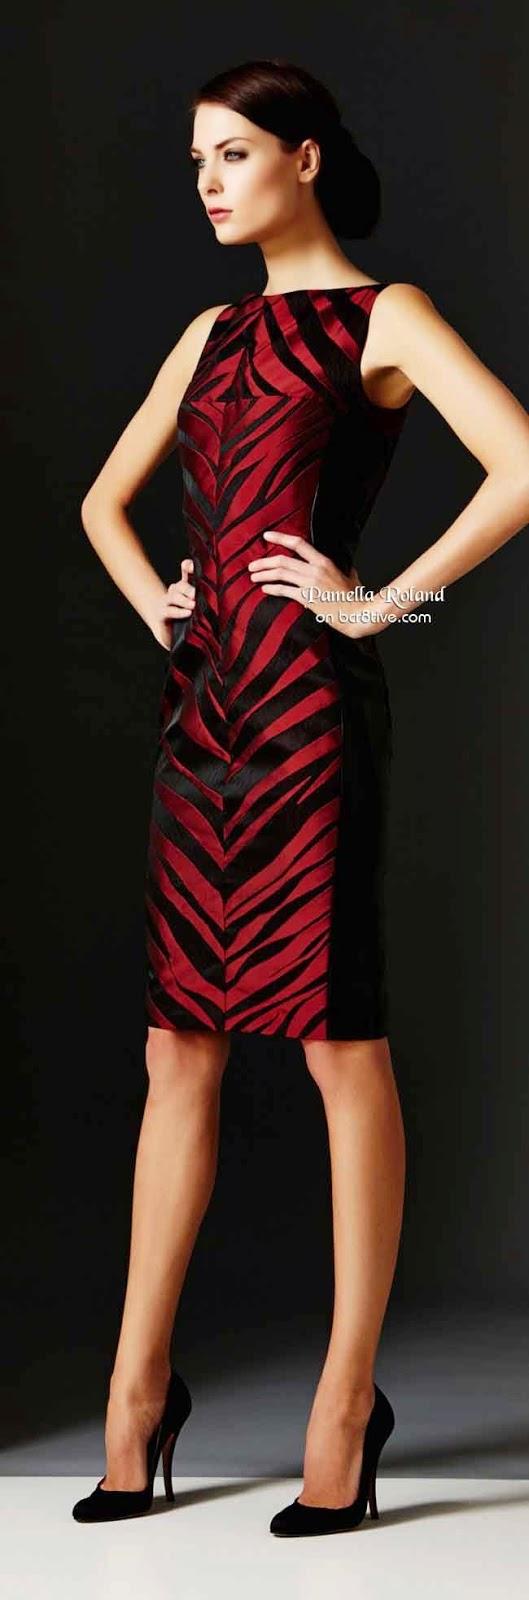 Tendência da moda 2015 - padrão zebra vestidos